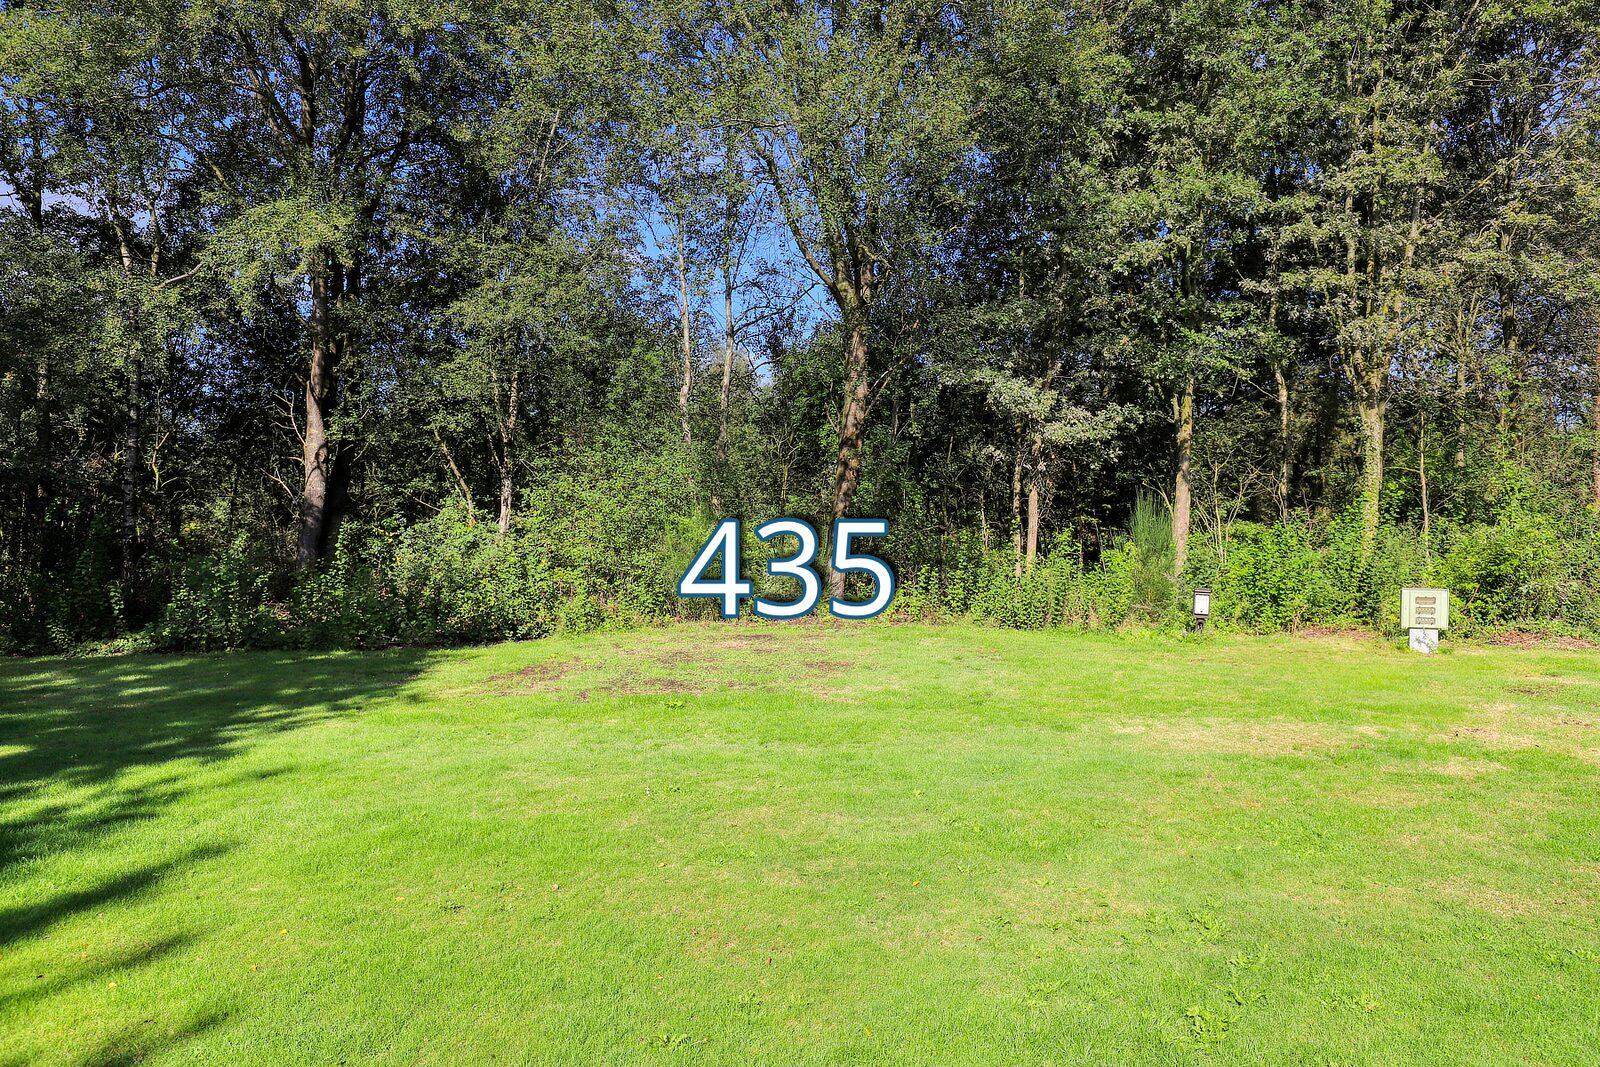 meemsveld 435